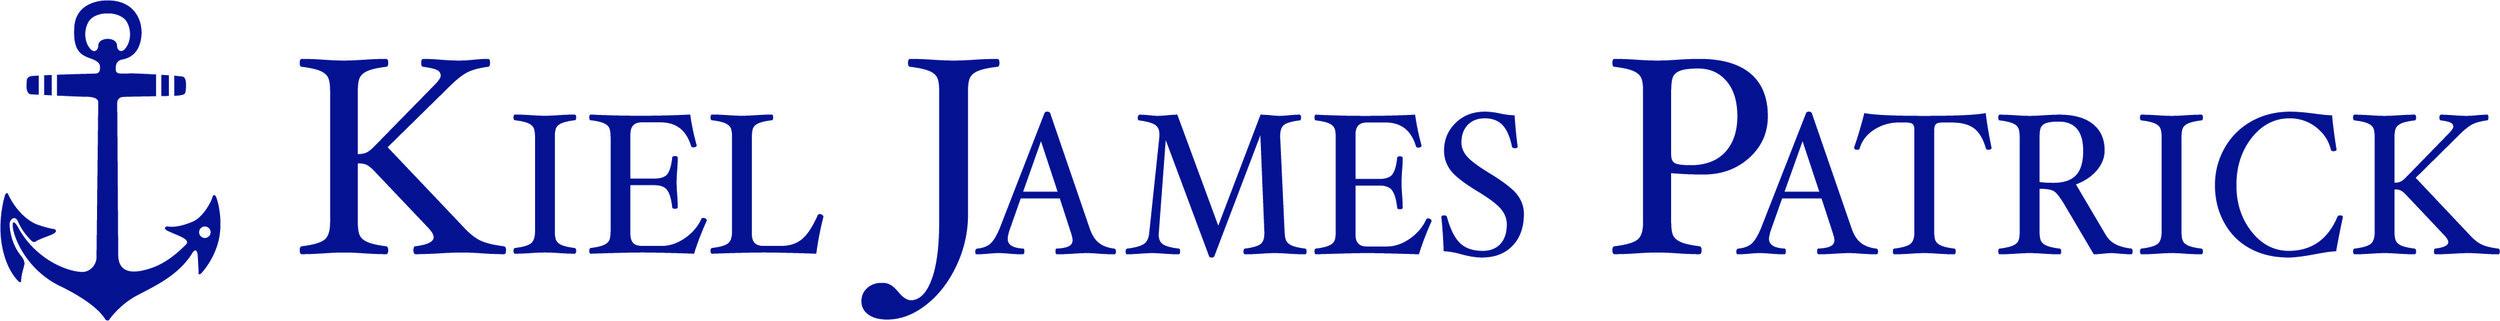 KJP_logo.jpg